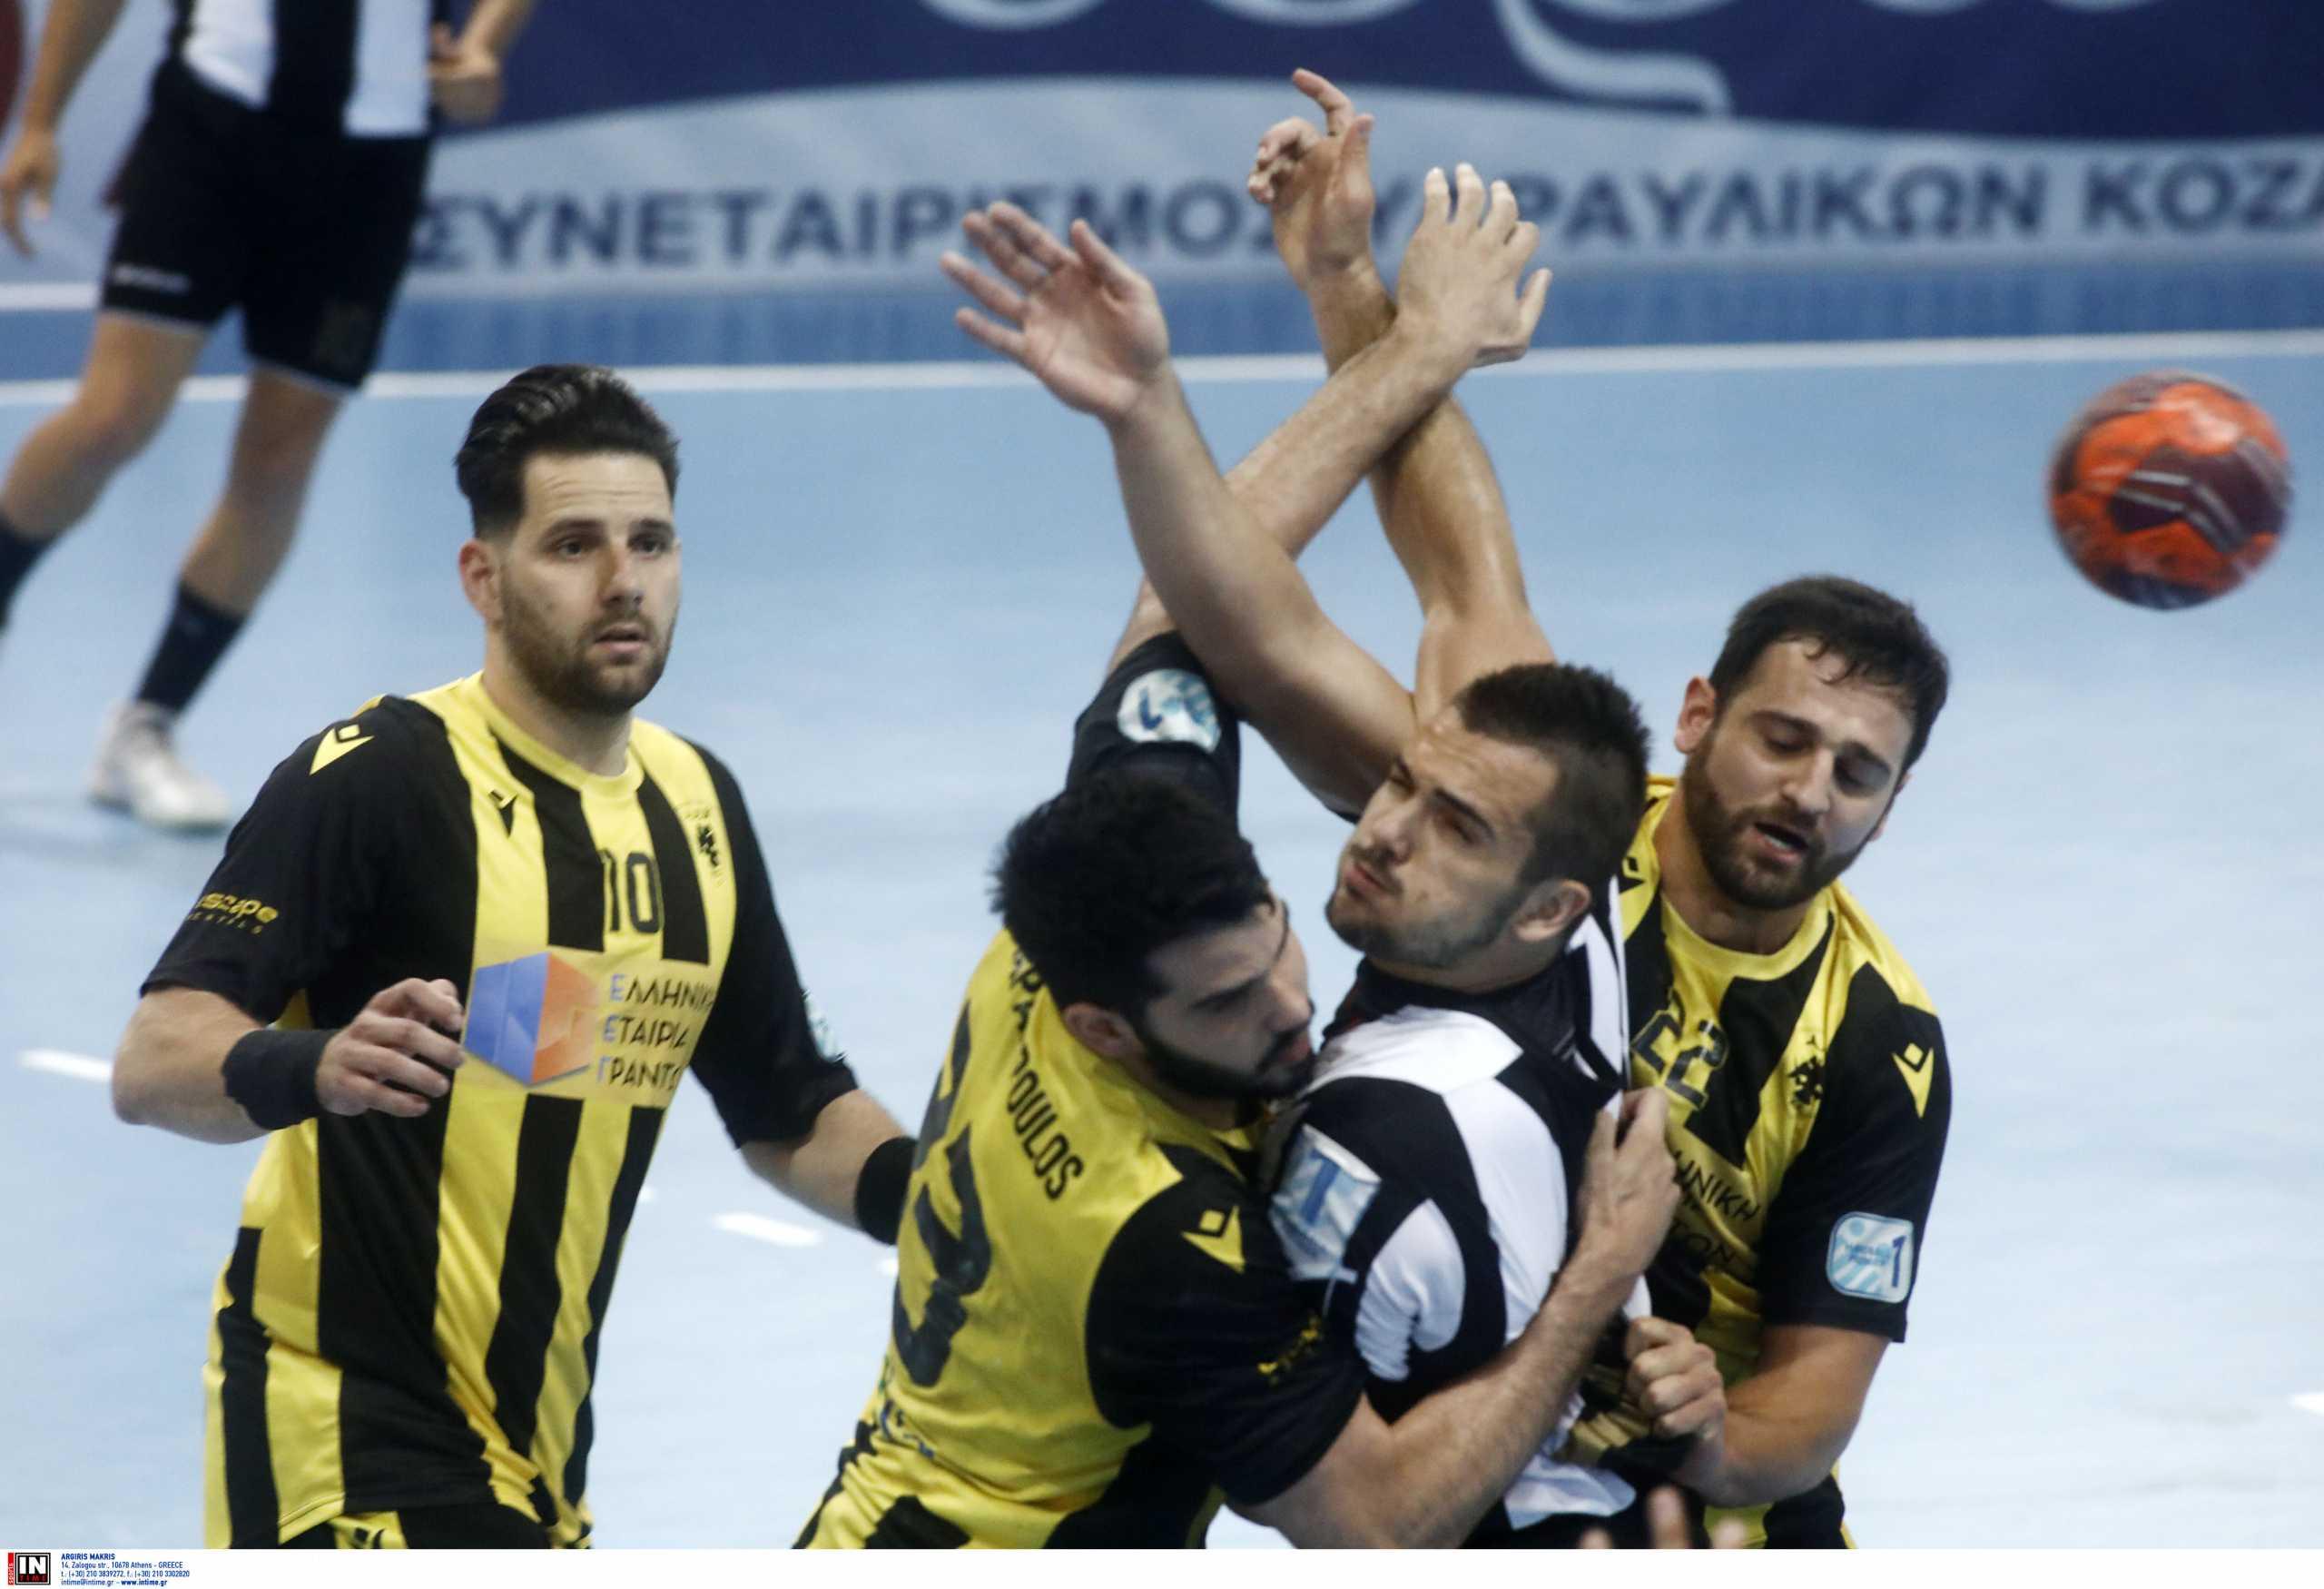 Κυπελλούχος η ΑΕΚ, νίκησε τον ΠΑΟΚ και κατέκτησε το τρόπαιο στο χάντμπολ